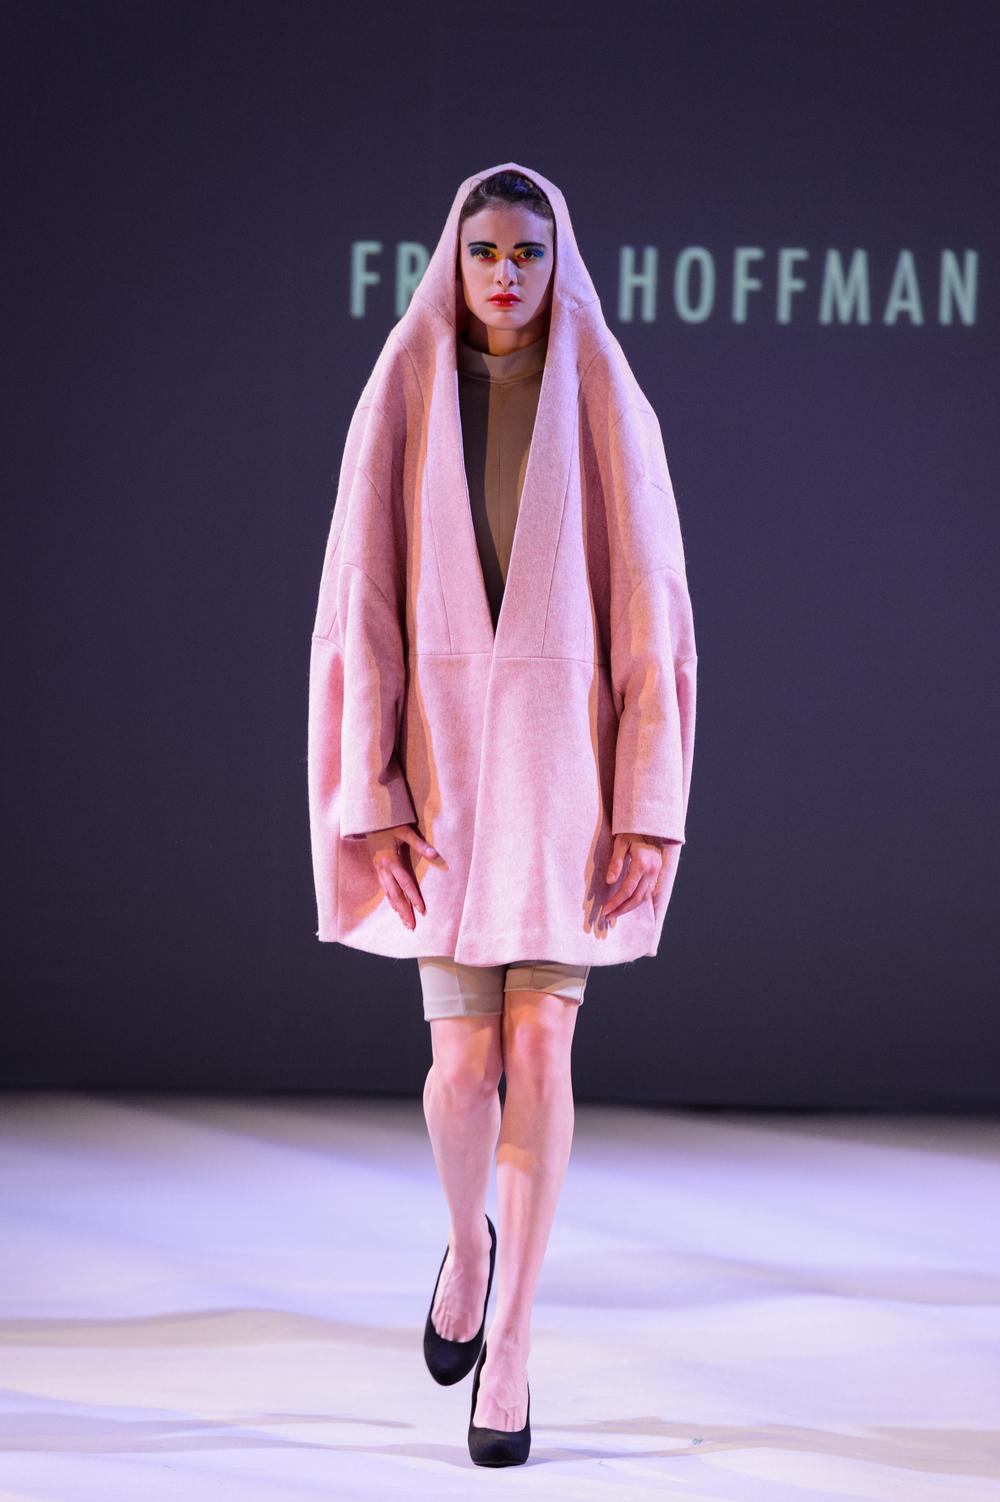 Frida Hoffman BCU 5.JPG